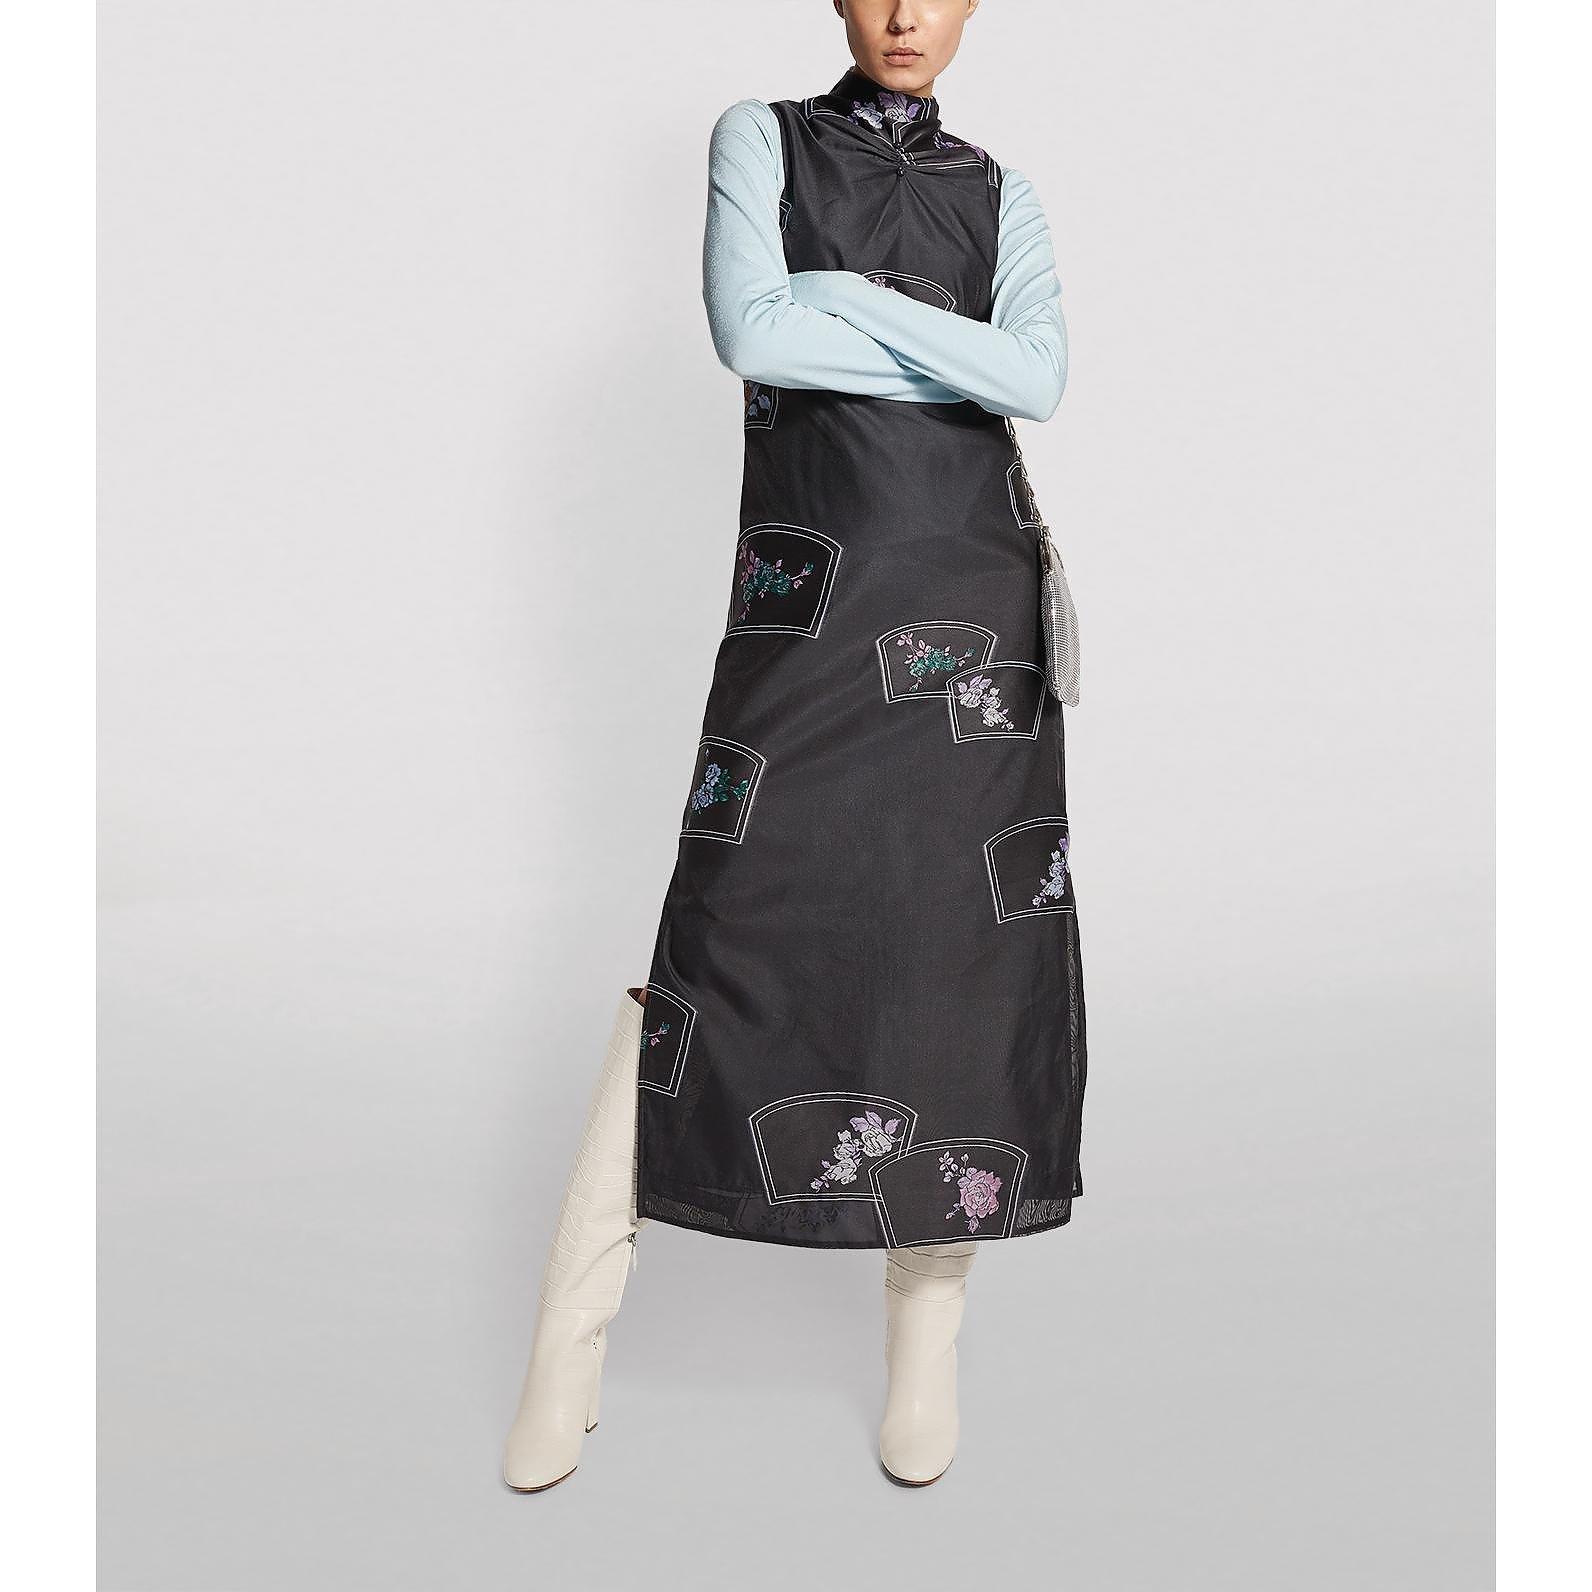 Ganni Organza Shift Dress